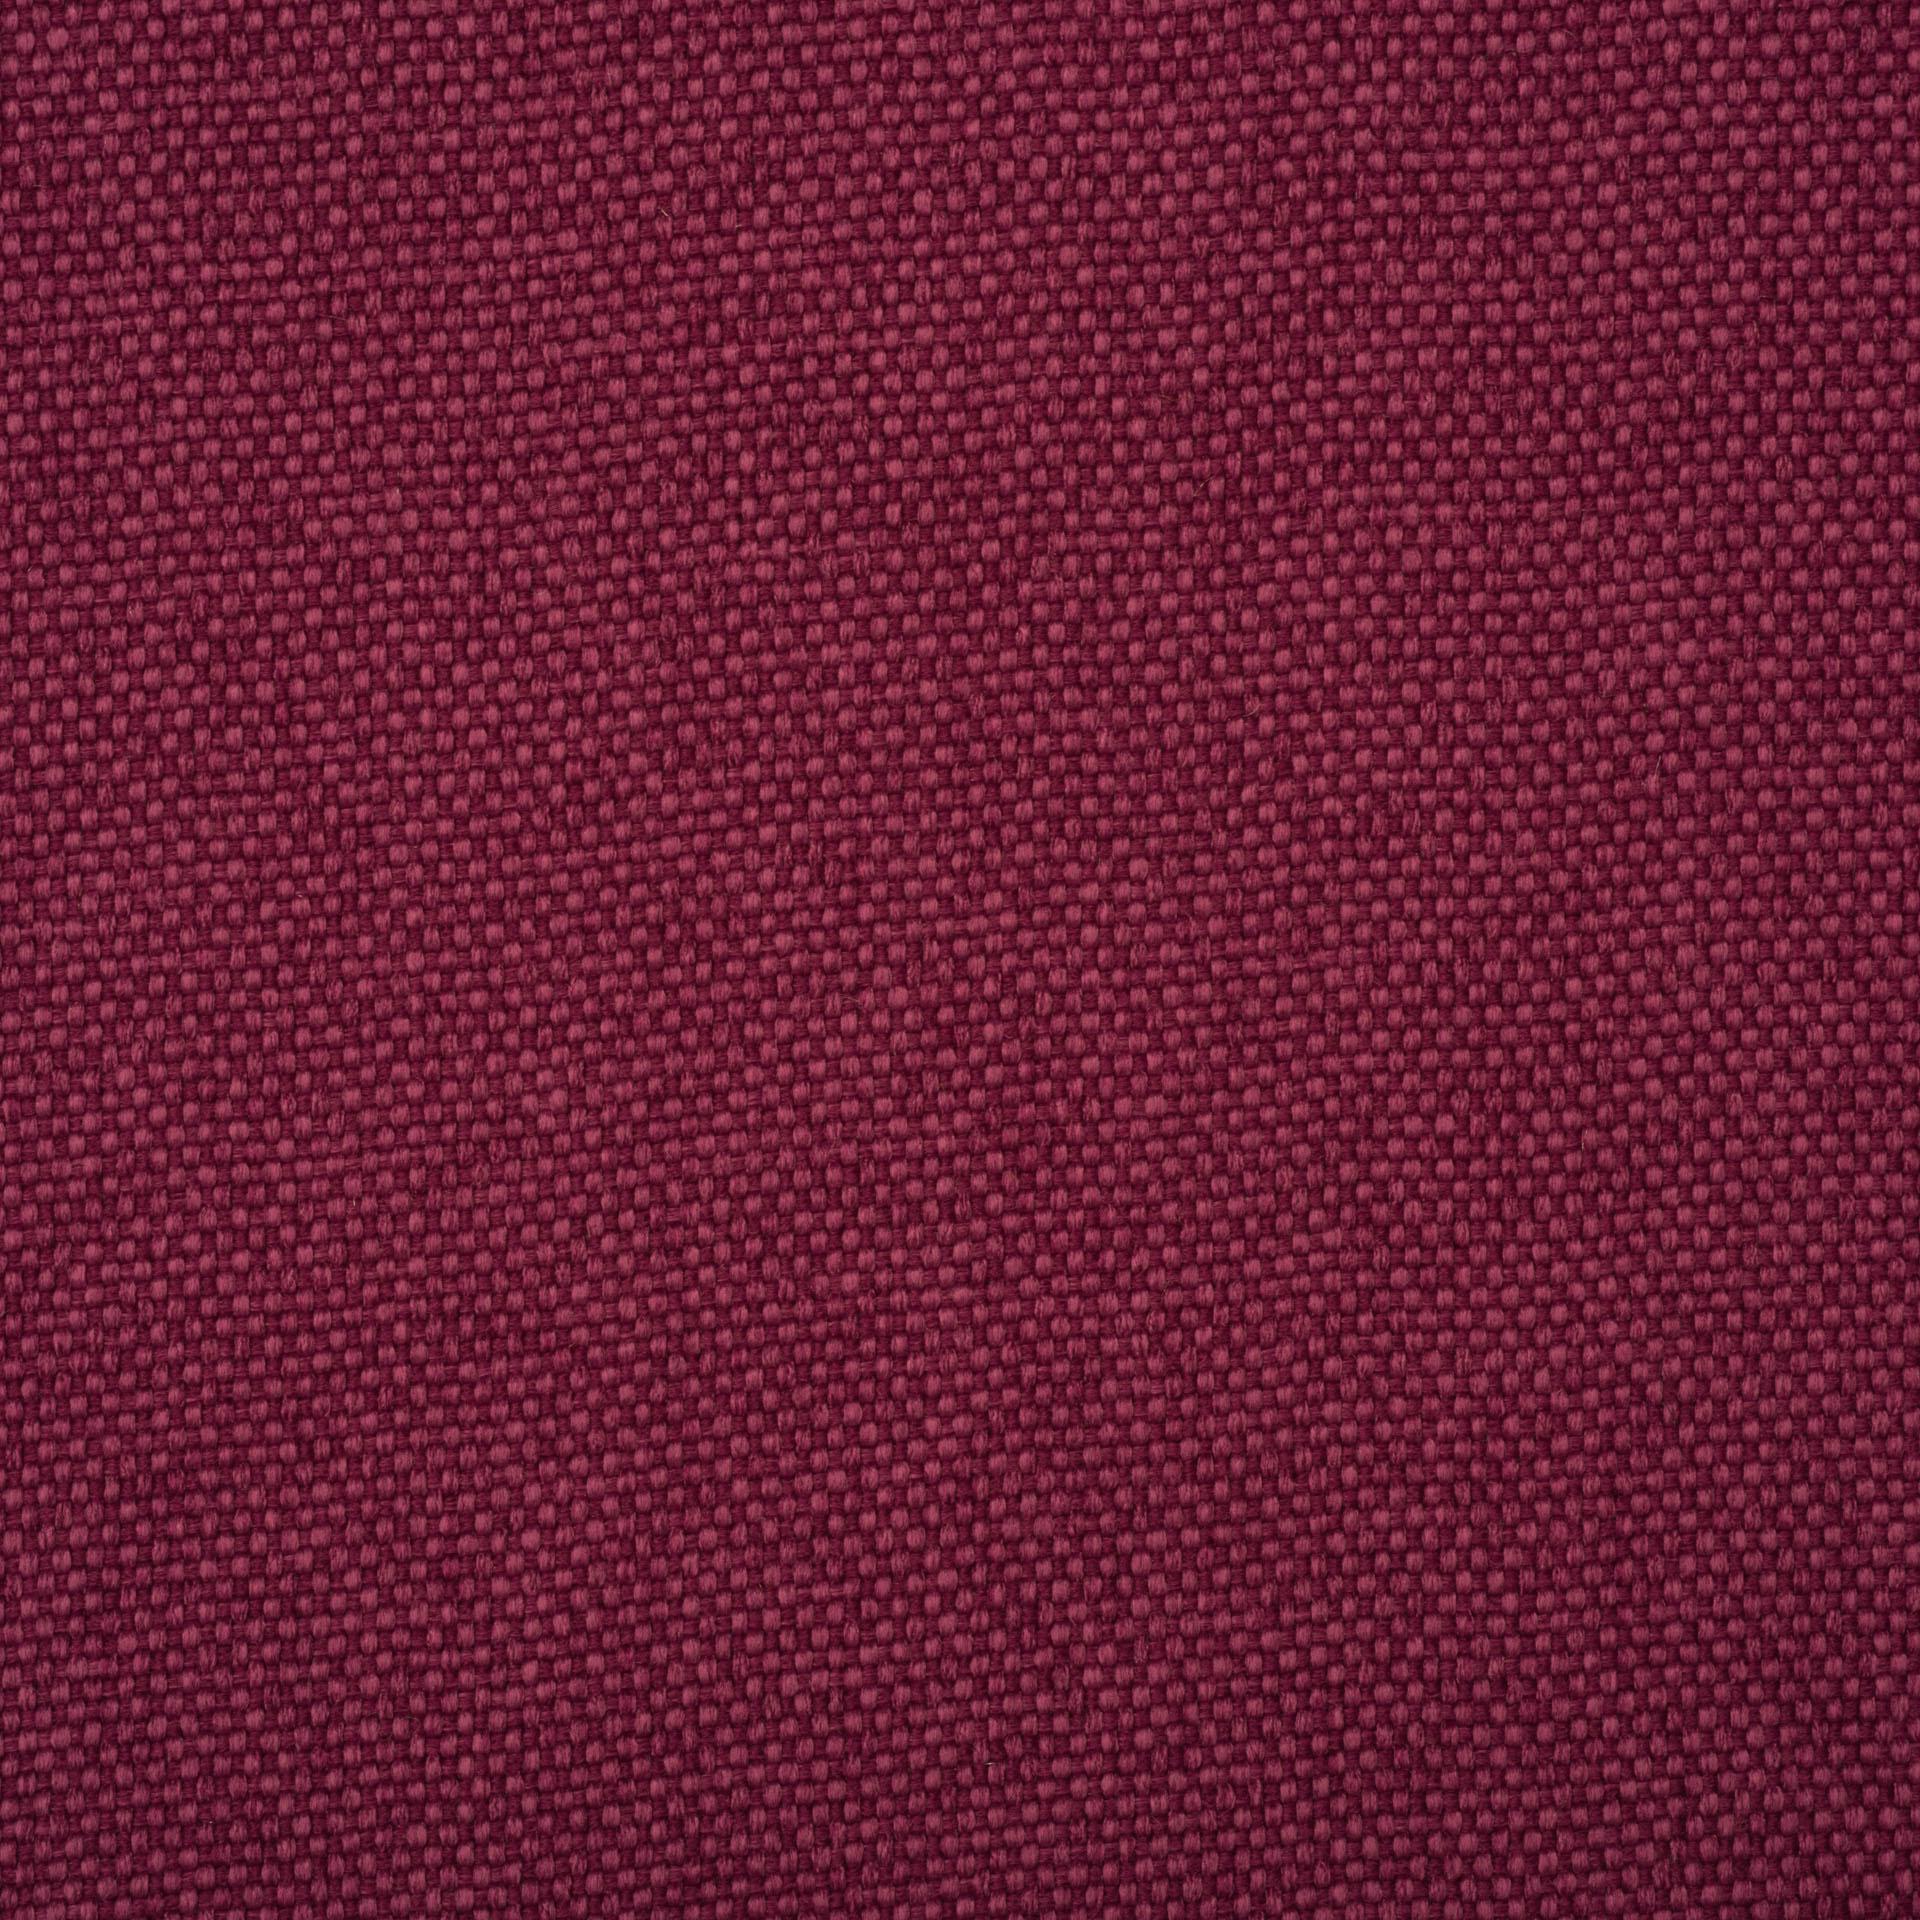 Коллекция ткани Багама 23 Pink,  купить ткань Жаккард для мебели Украина